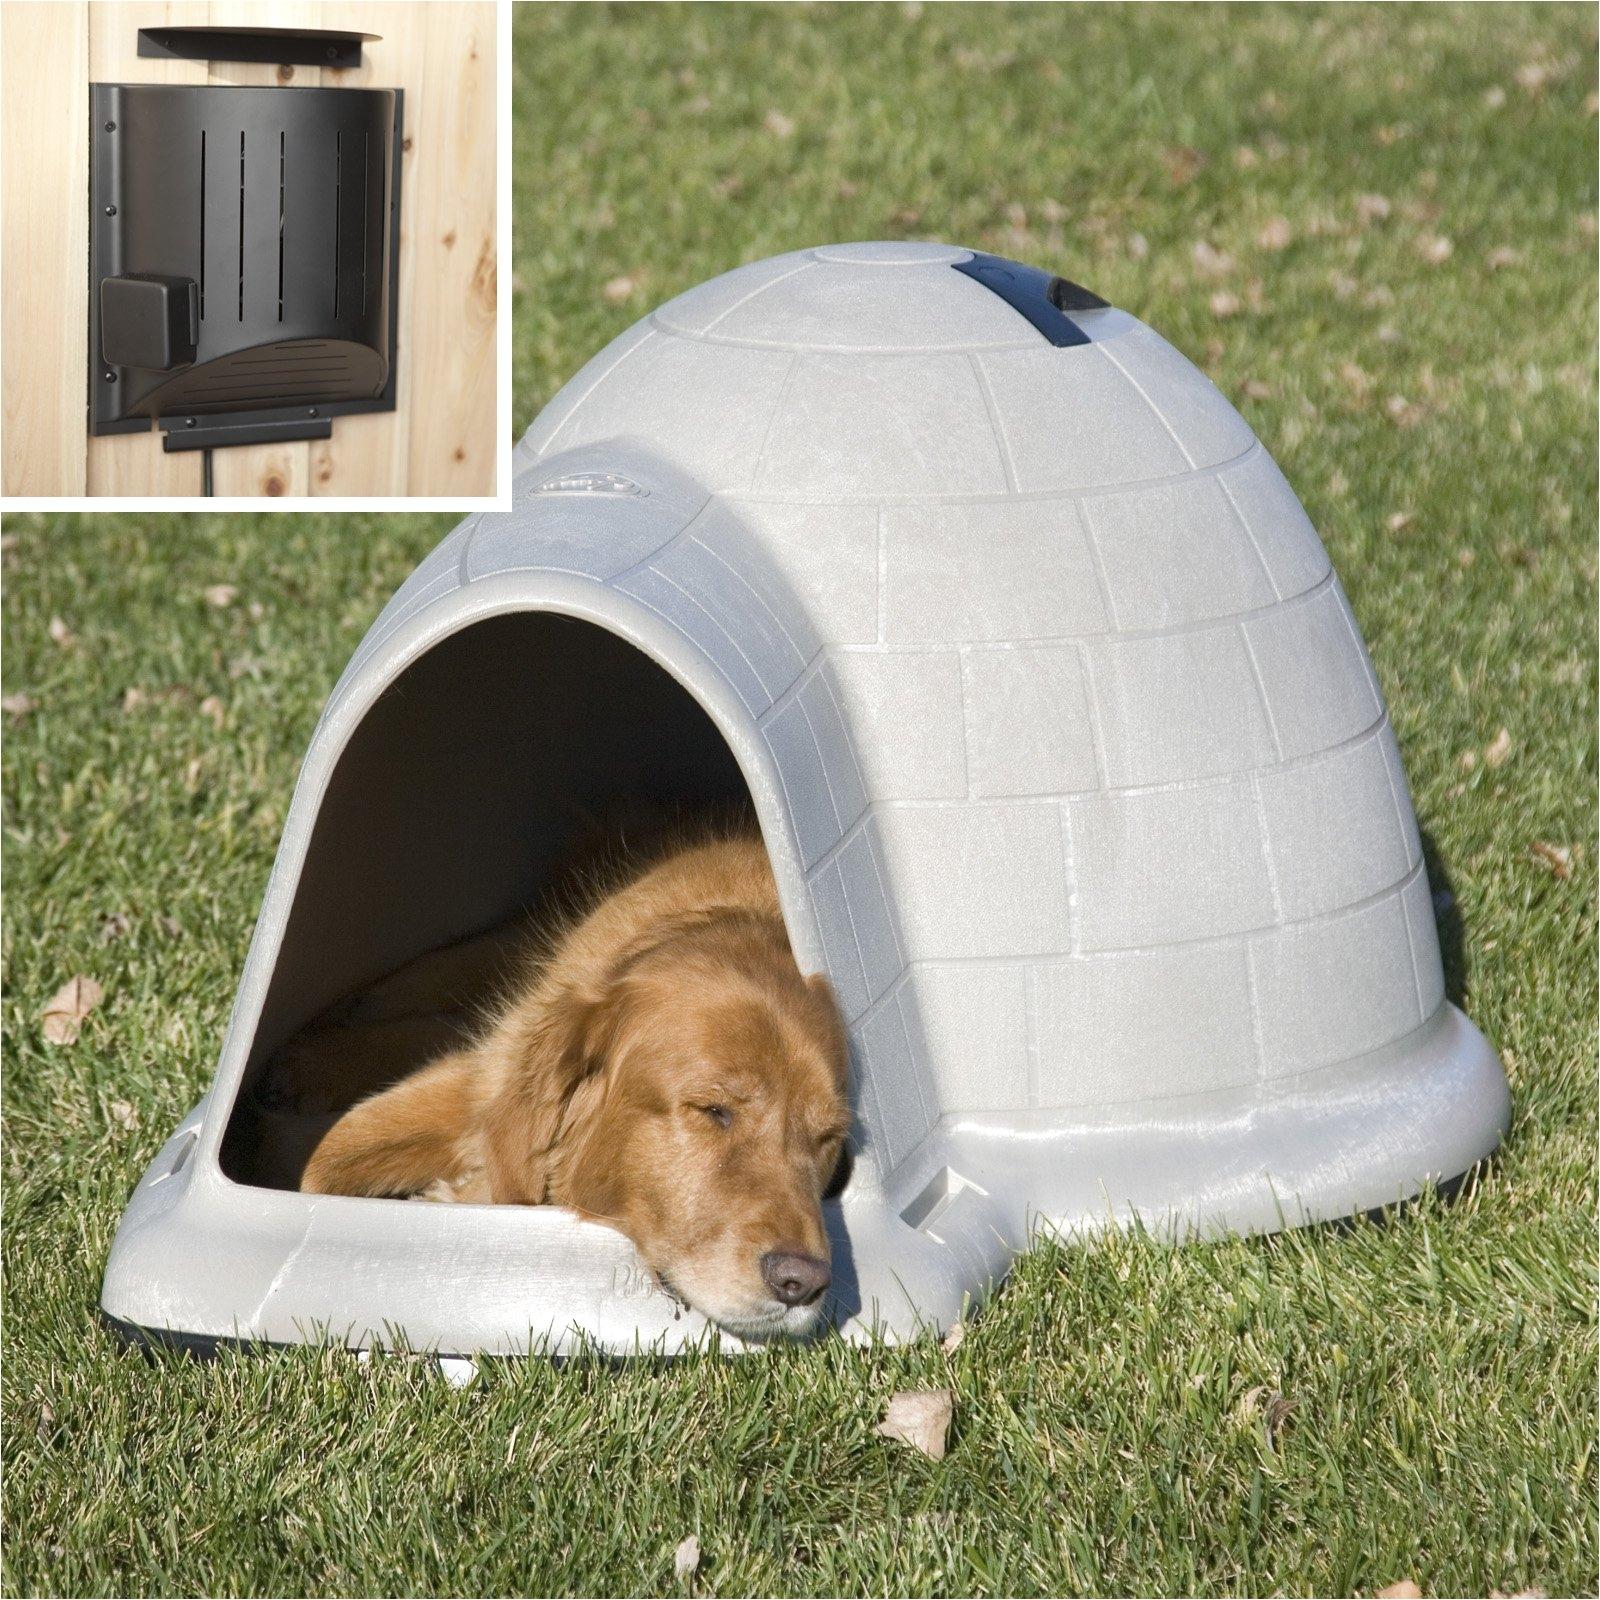 Igloo Dog House Heat Lamp Petmate Indigo Dog House with Heater Hayneedle